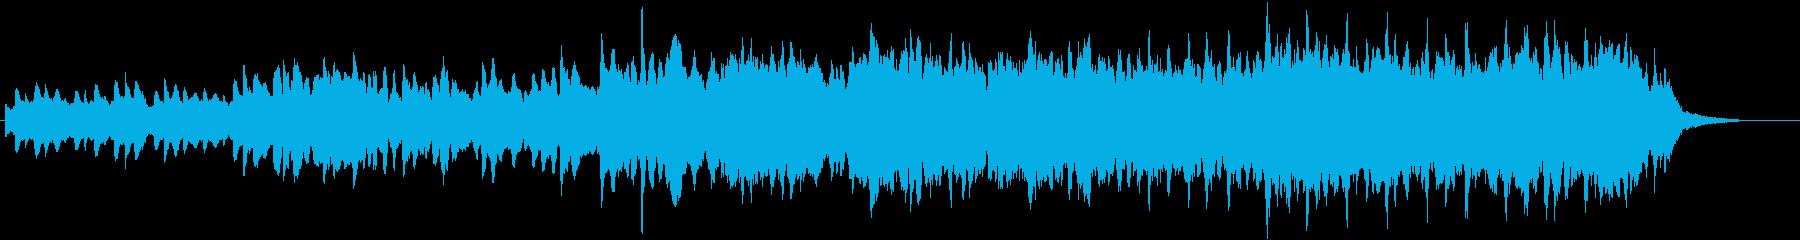 ピアノとパッドのアンビエント途中金属打音の再生済みの波形